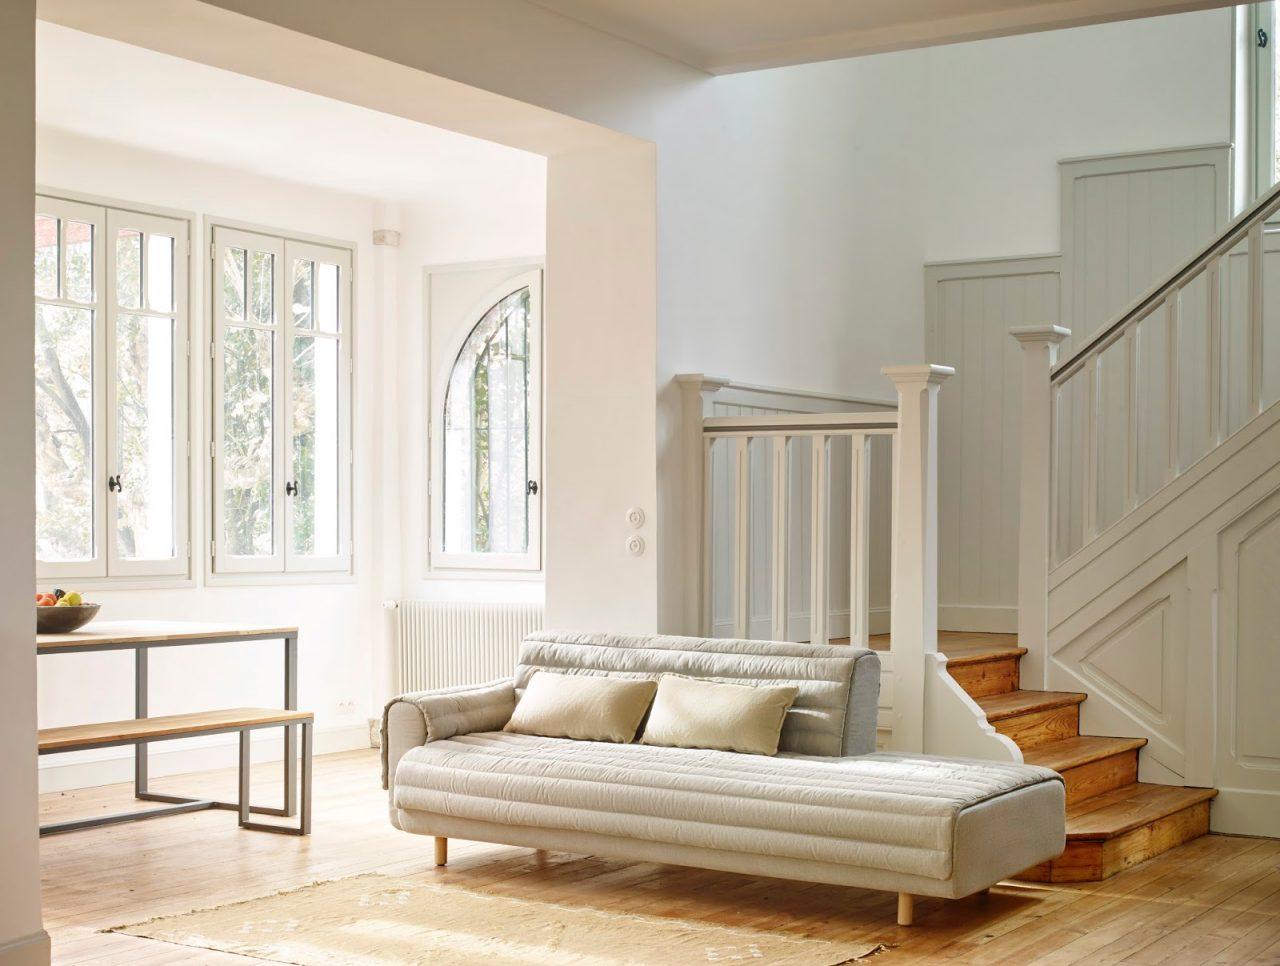 Canapé - canapé 3 places - canapé d'angle. Fabrication française.